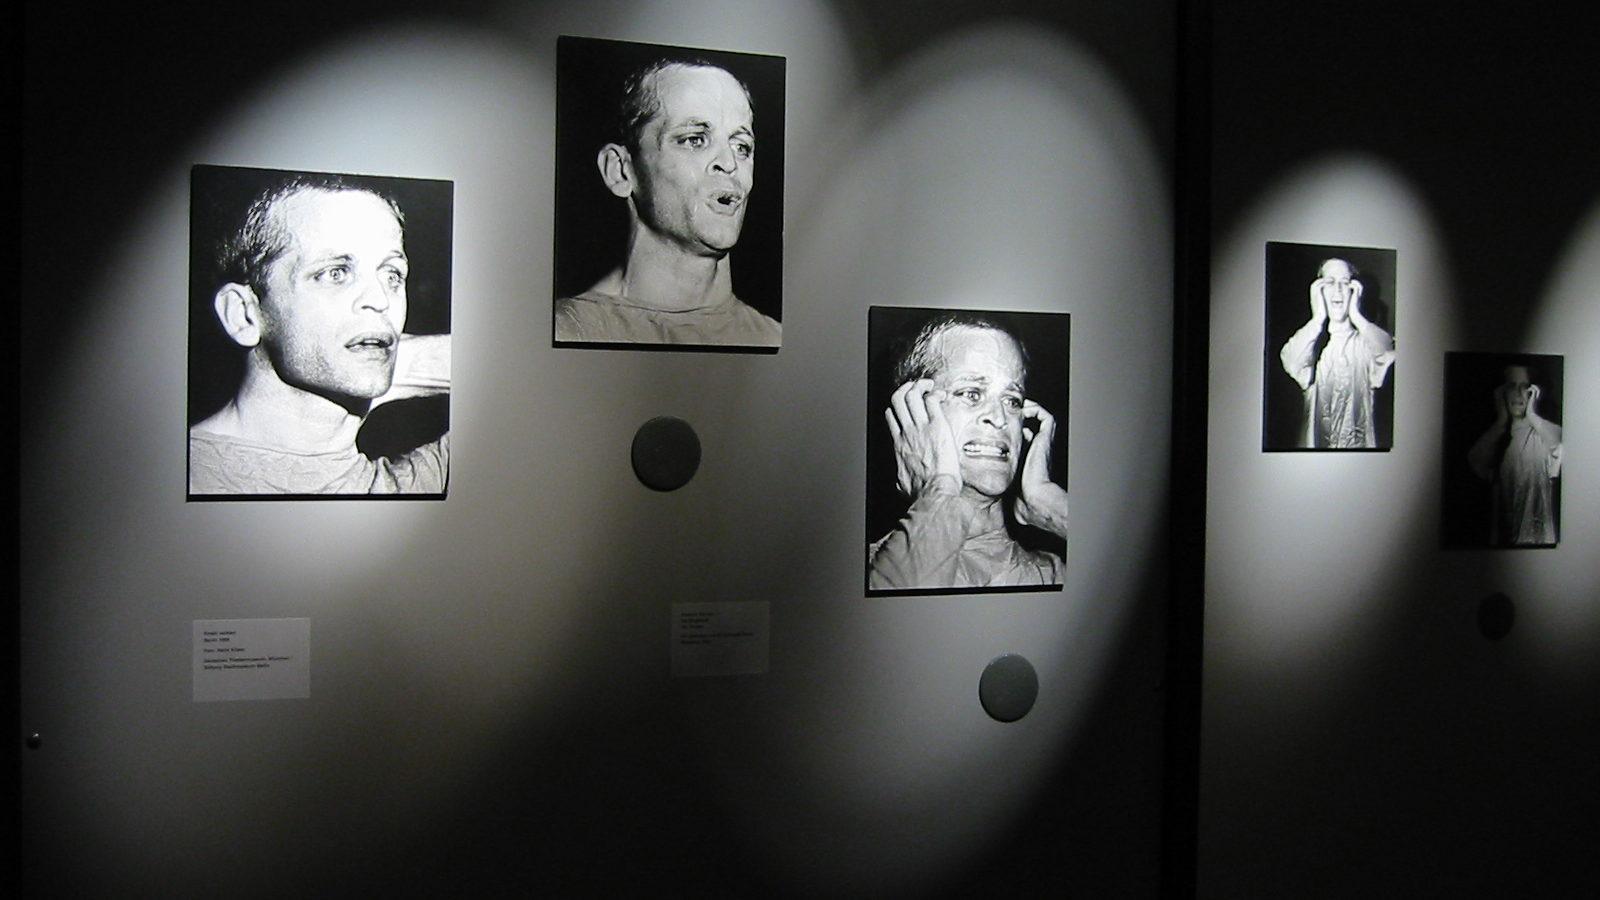 Sonderausstellung 2001 ICH, Kinski